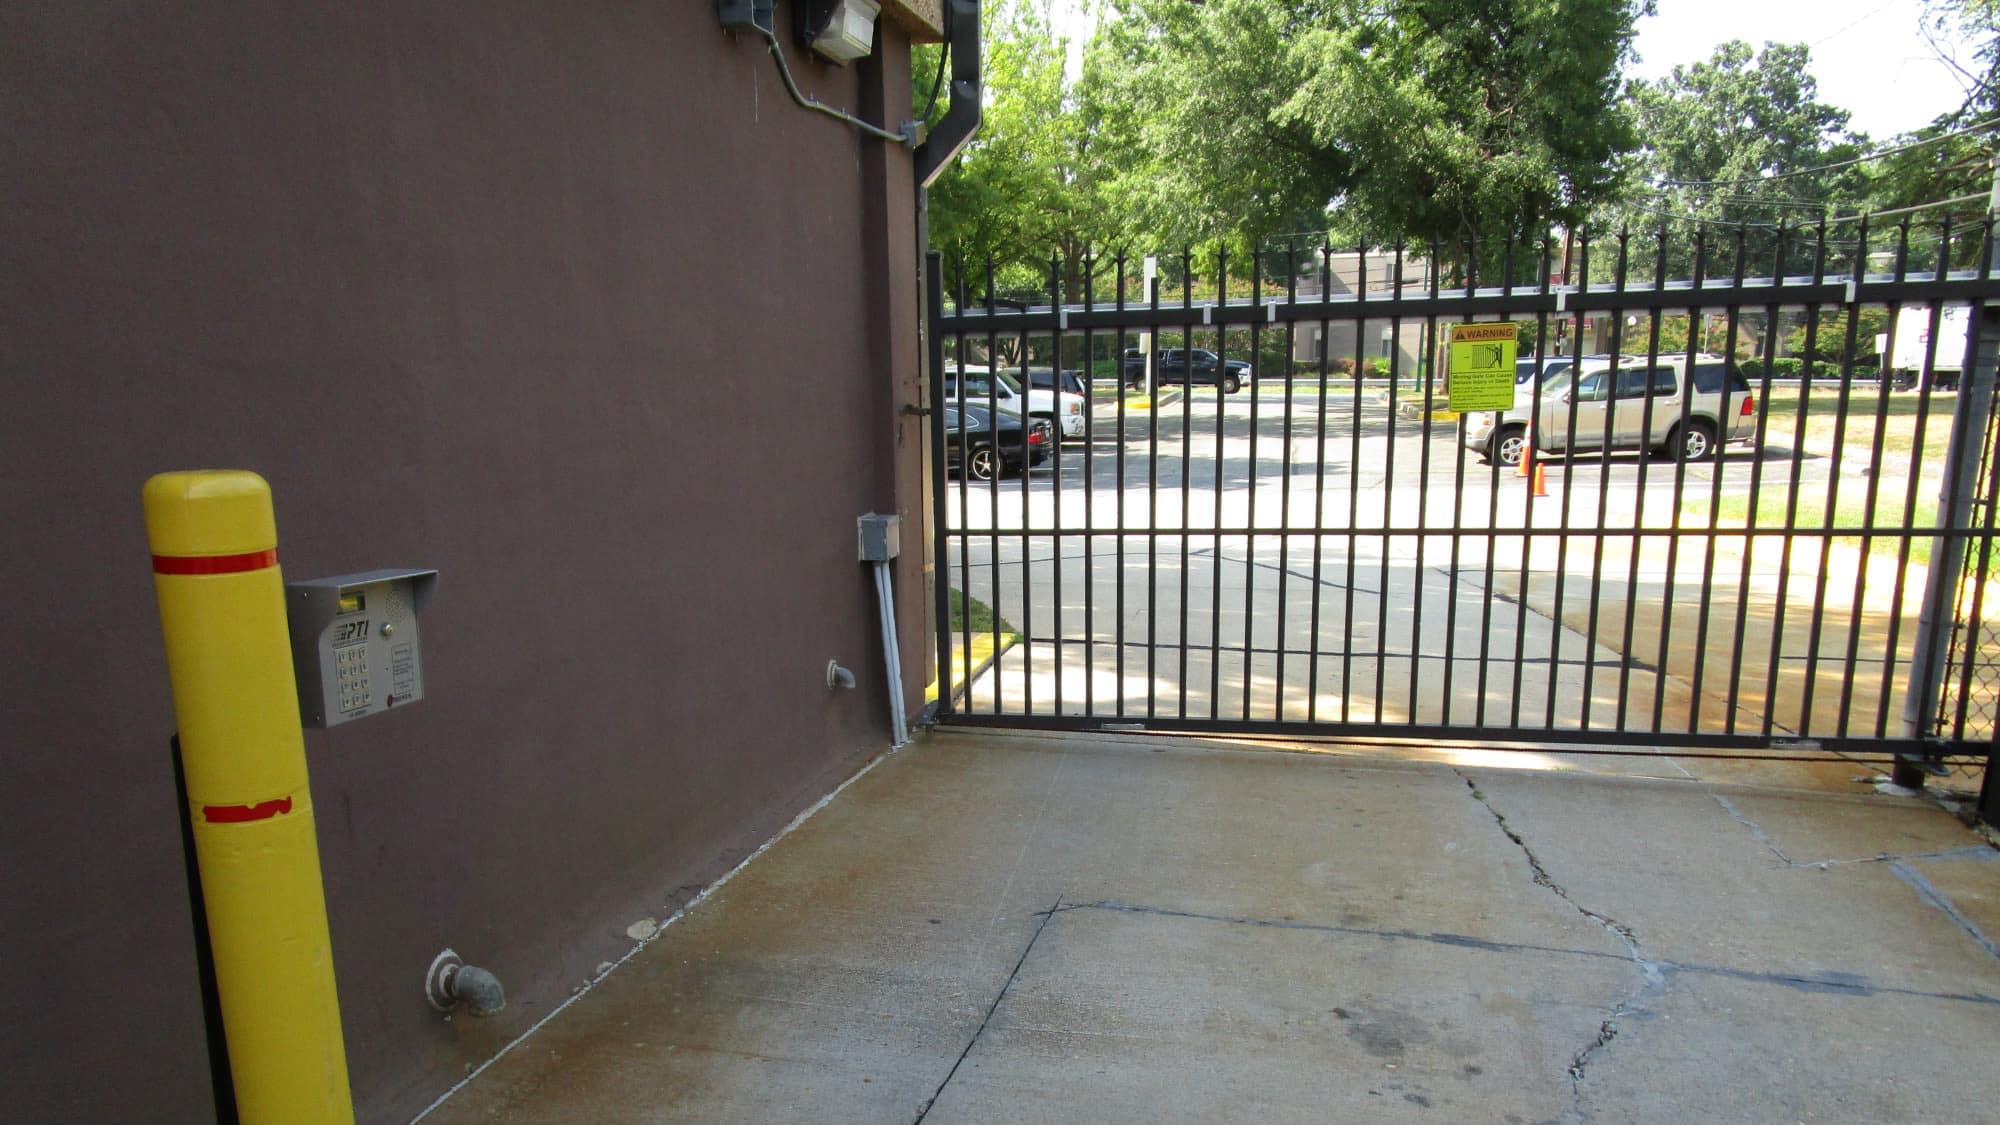 Exit gate at Self Storage Plus in Lanham, MD